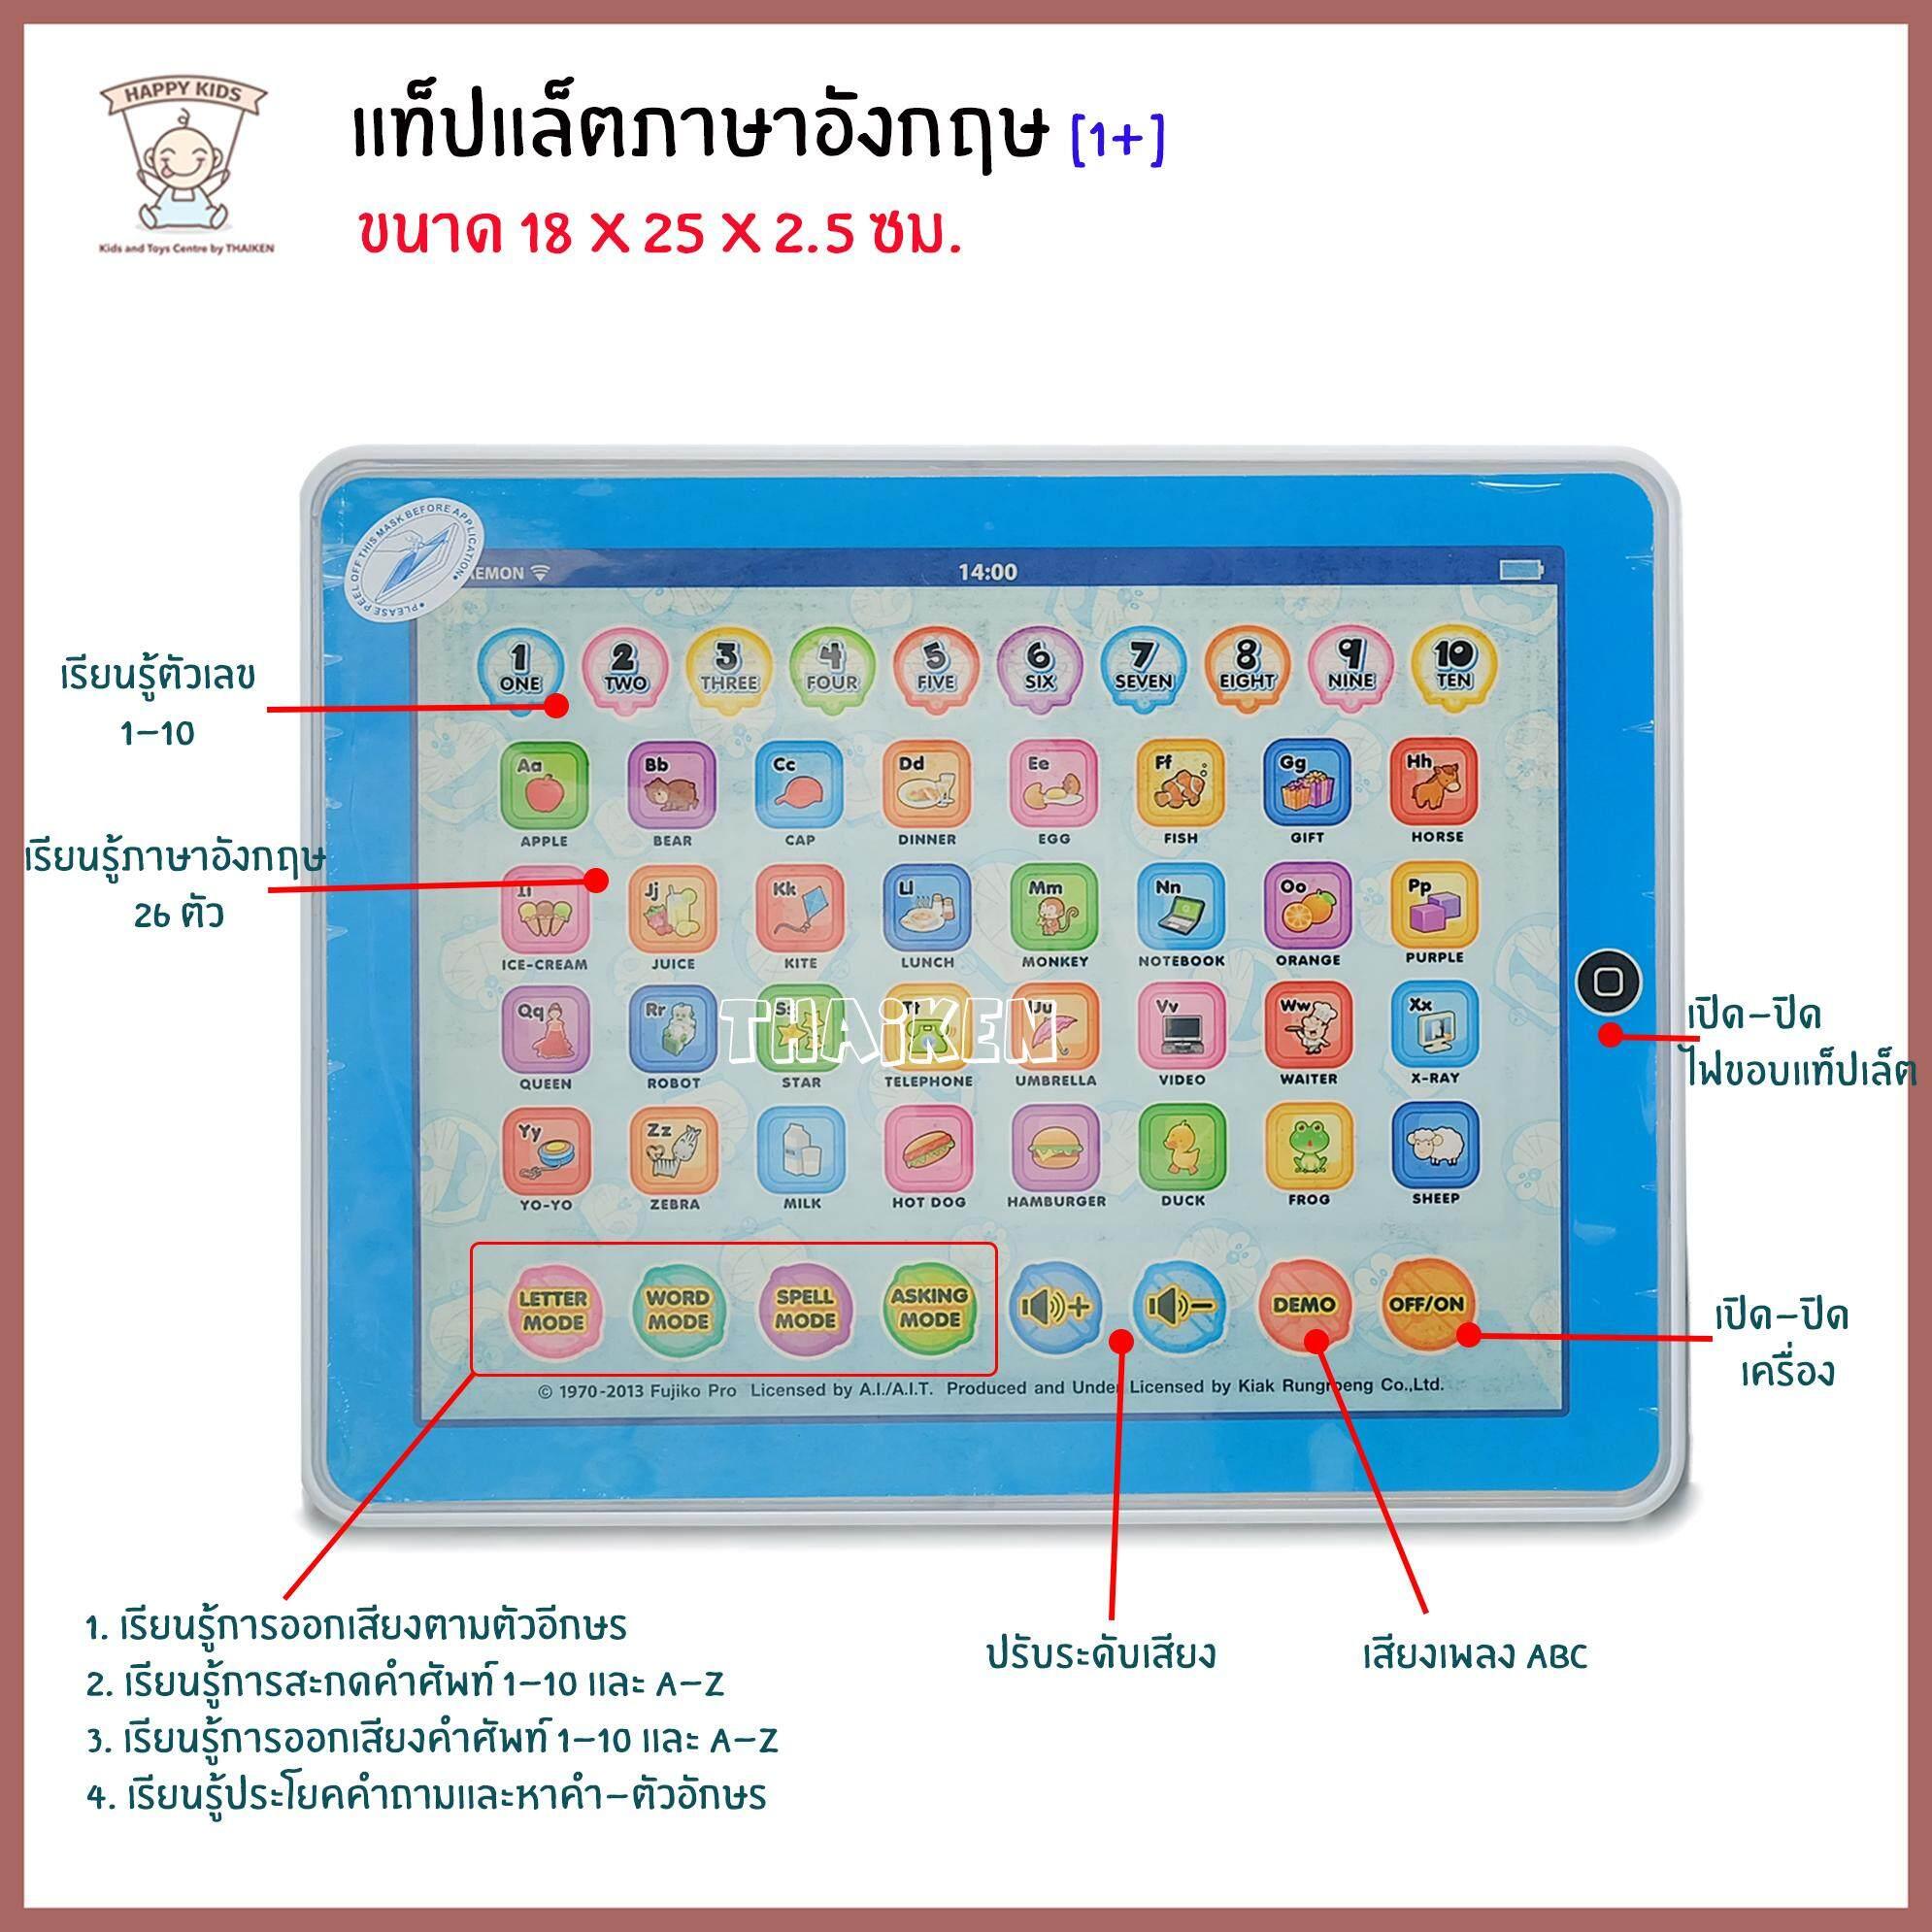 Thaiken แท็ปแล็ต โดราเอมอน 839.